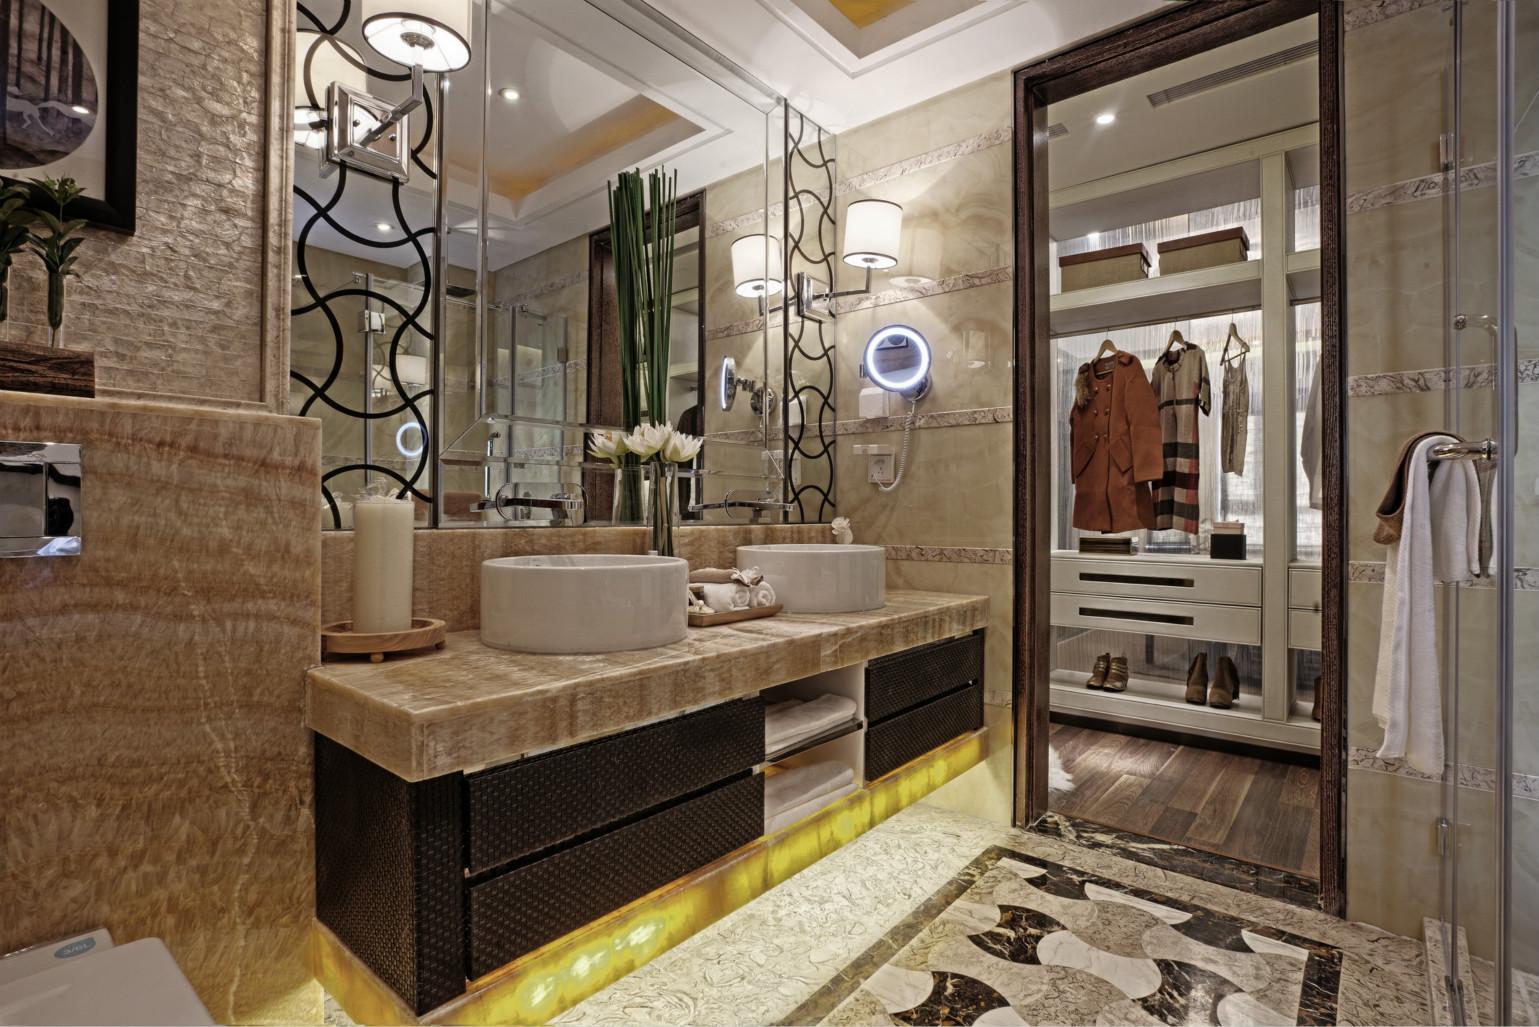 卫生间洗手台选择了组合款,一边为洗手区,安装有白色水槽、几何装饰镜